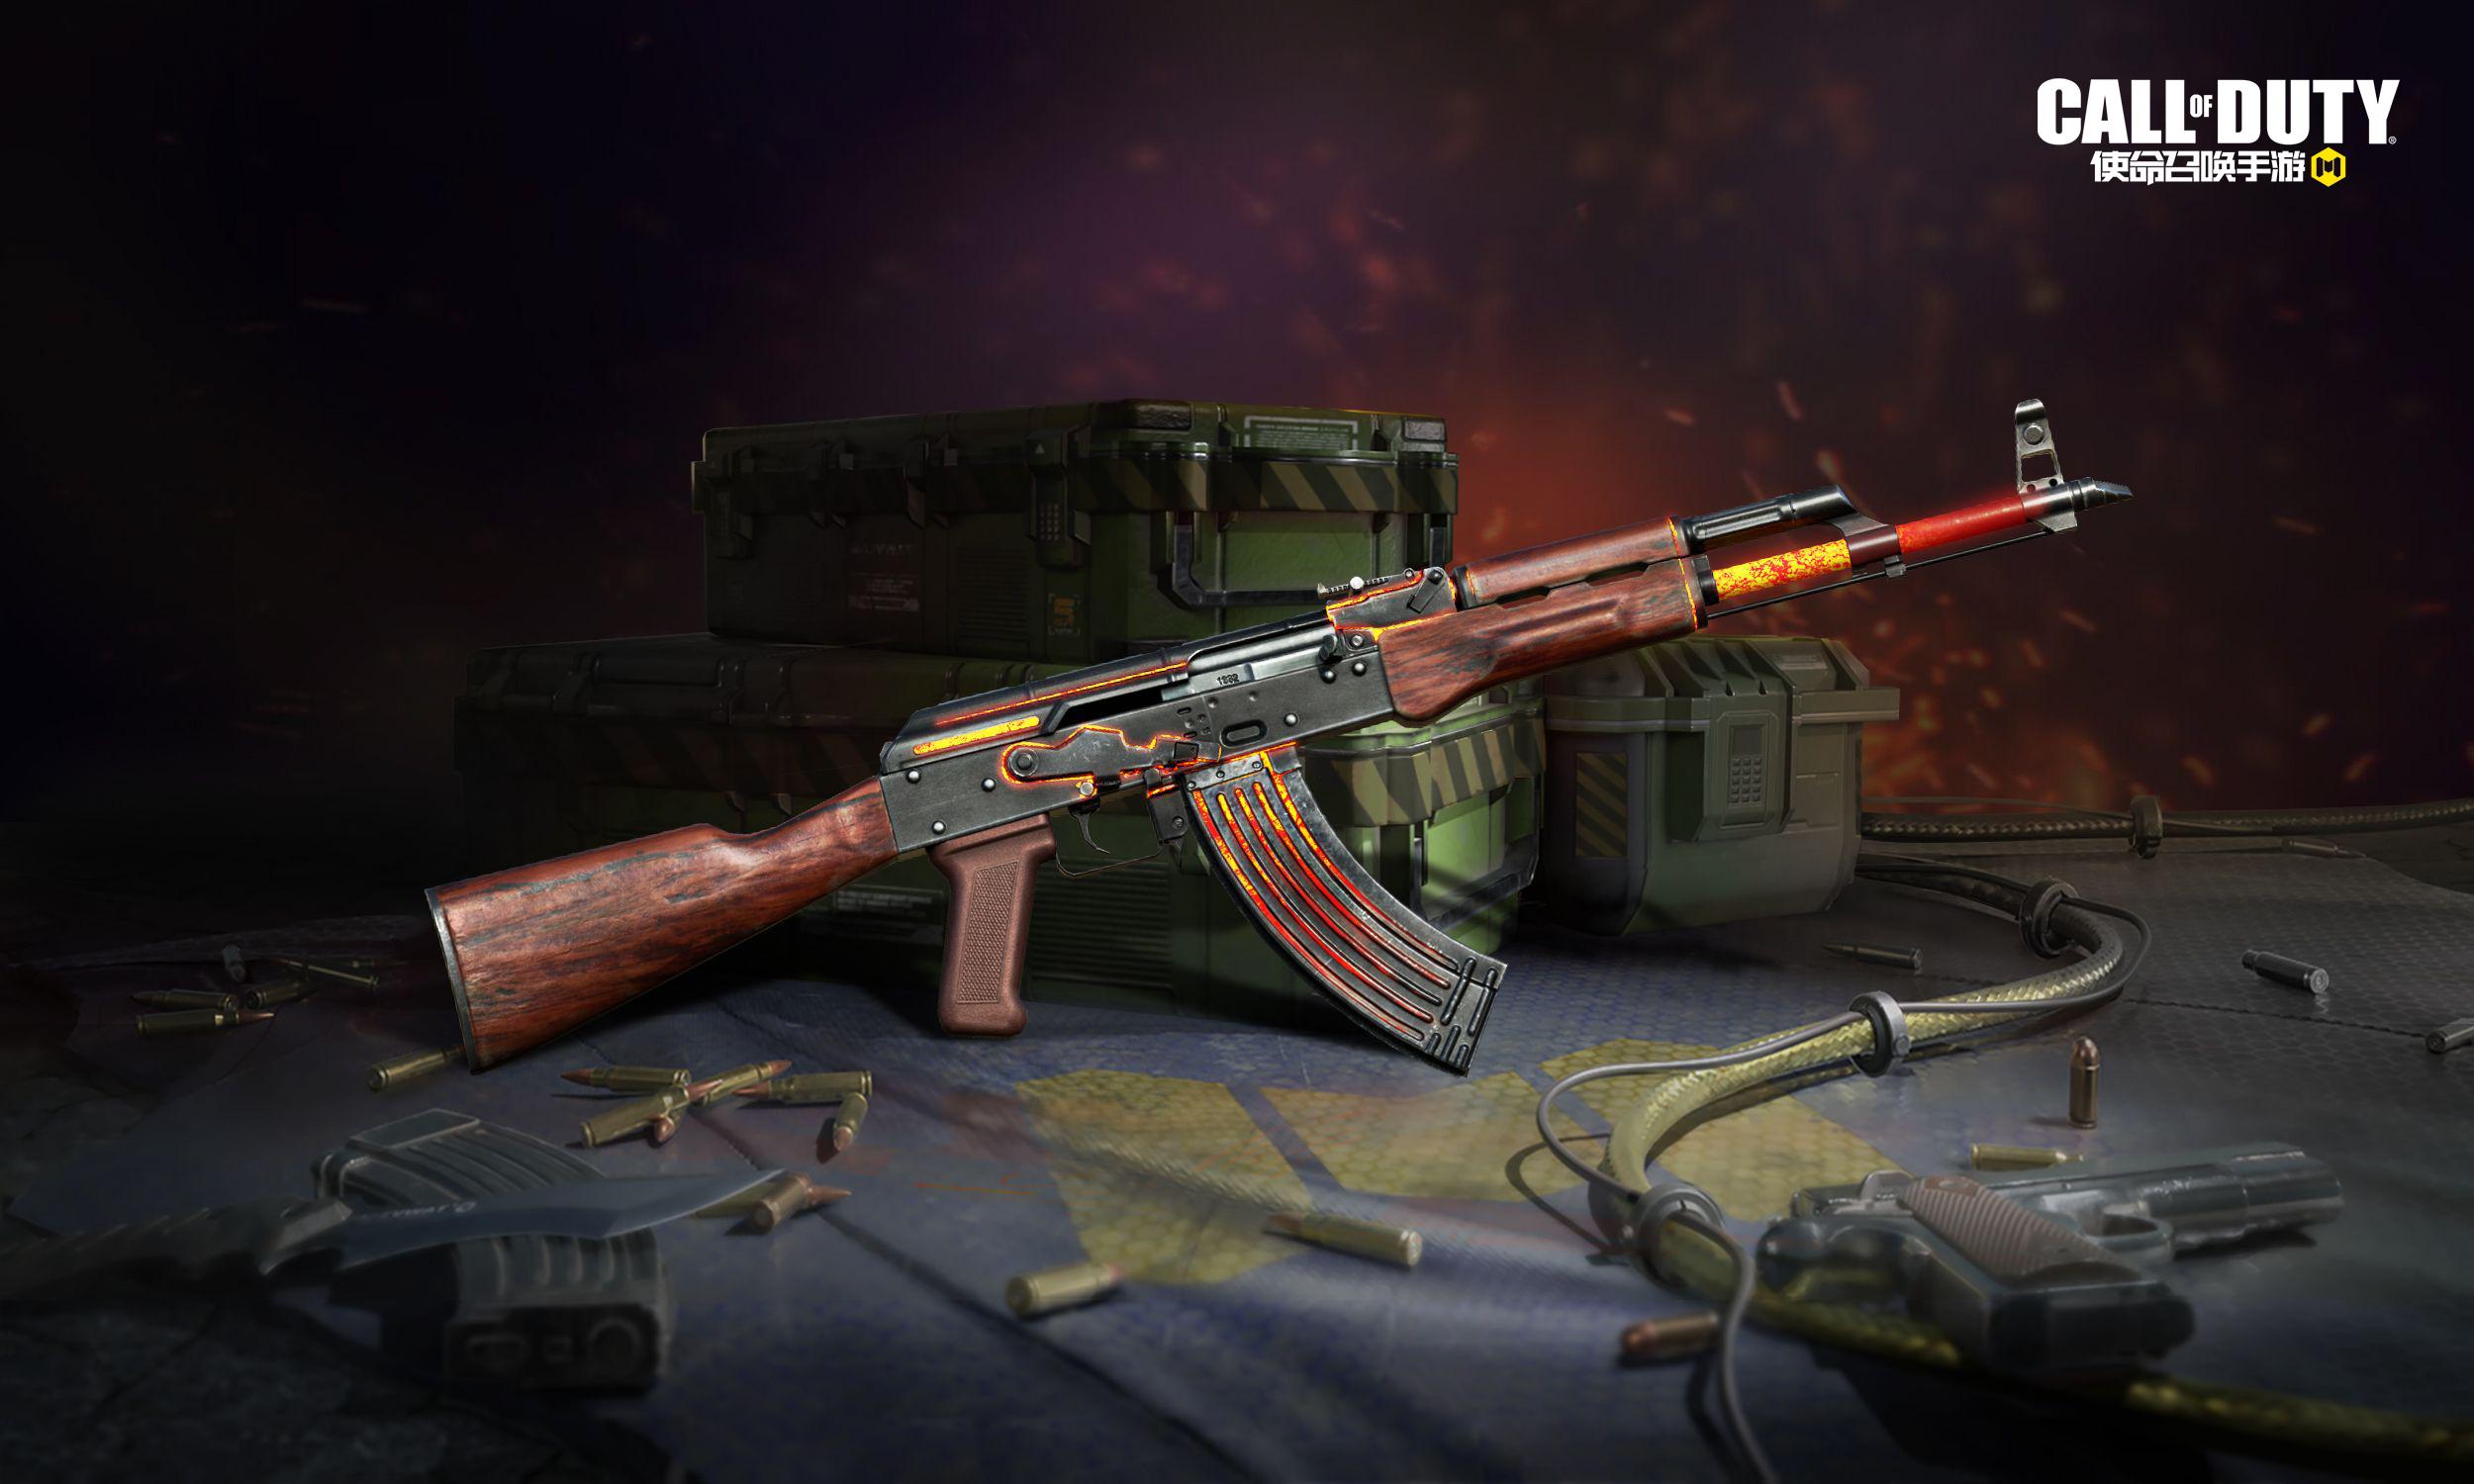 CODM双持50GS强势来袭 梦魇猎手收割战场